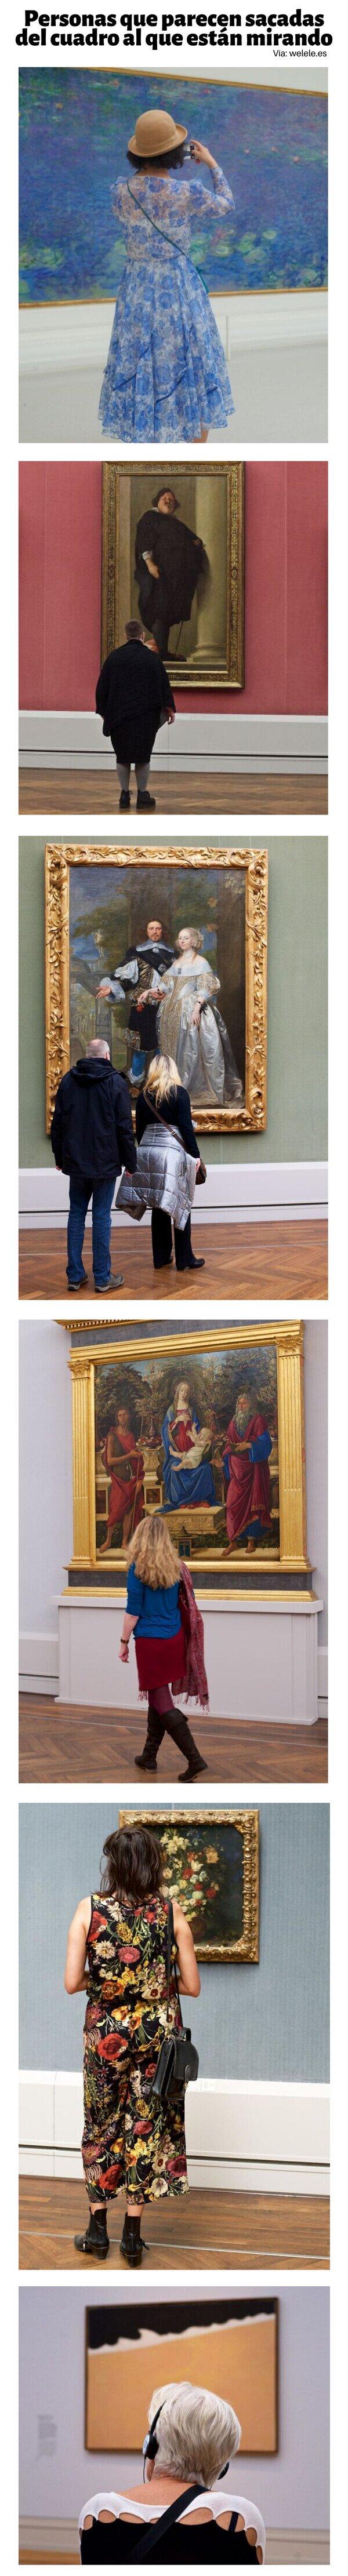 Meme_otros - Personas que parecen sacadas del cuadro al que están mirando